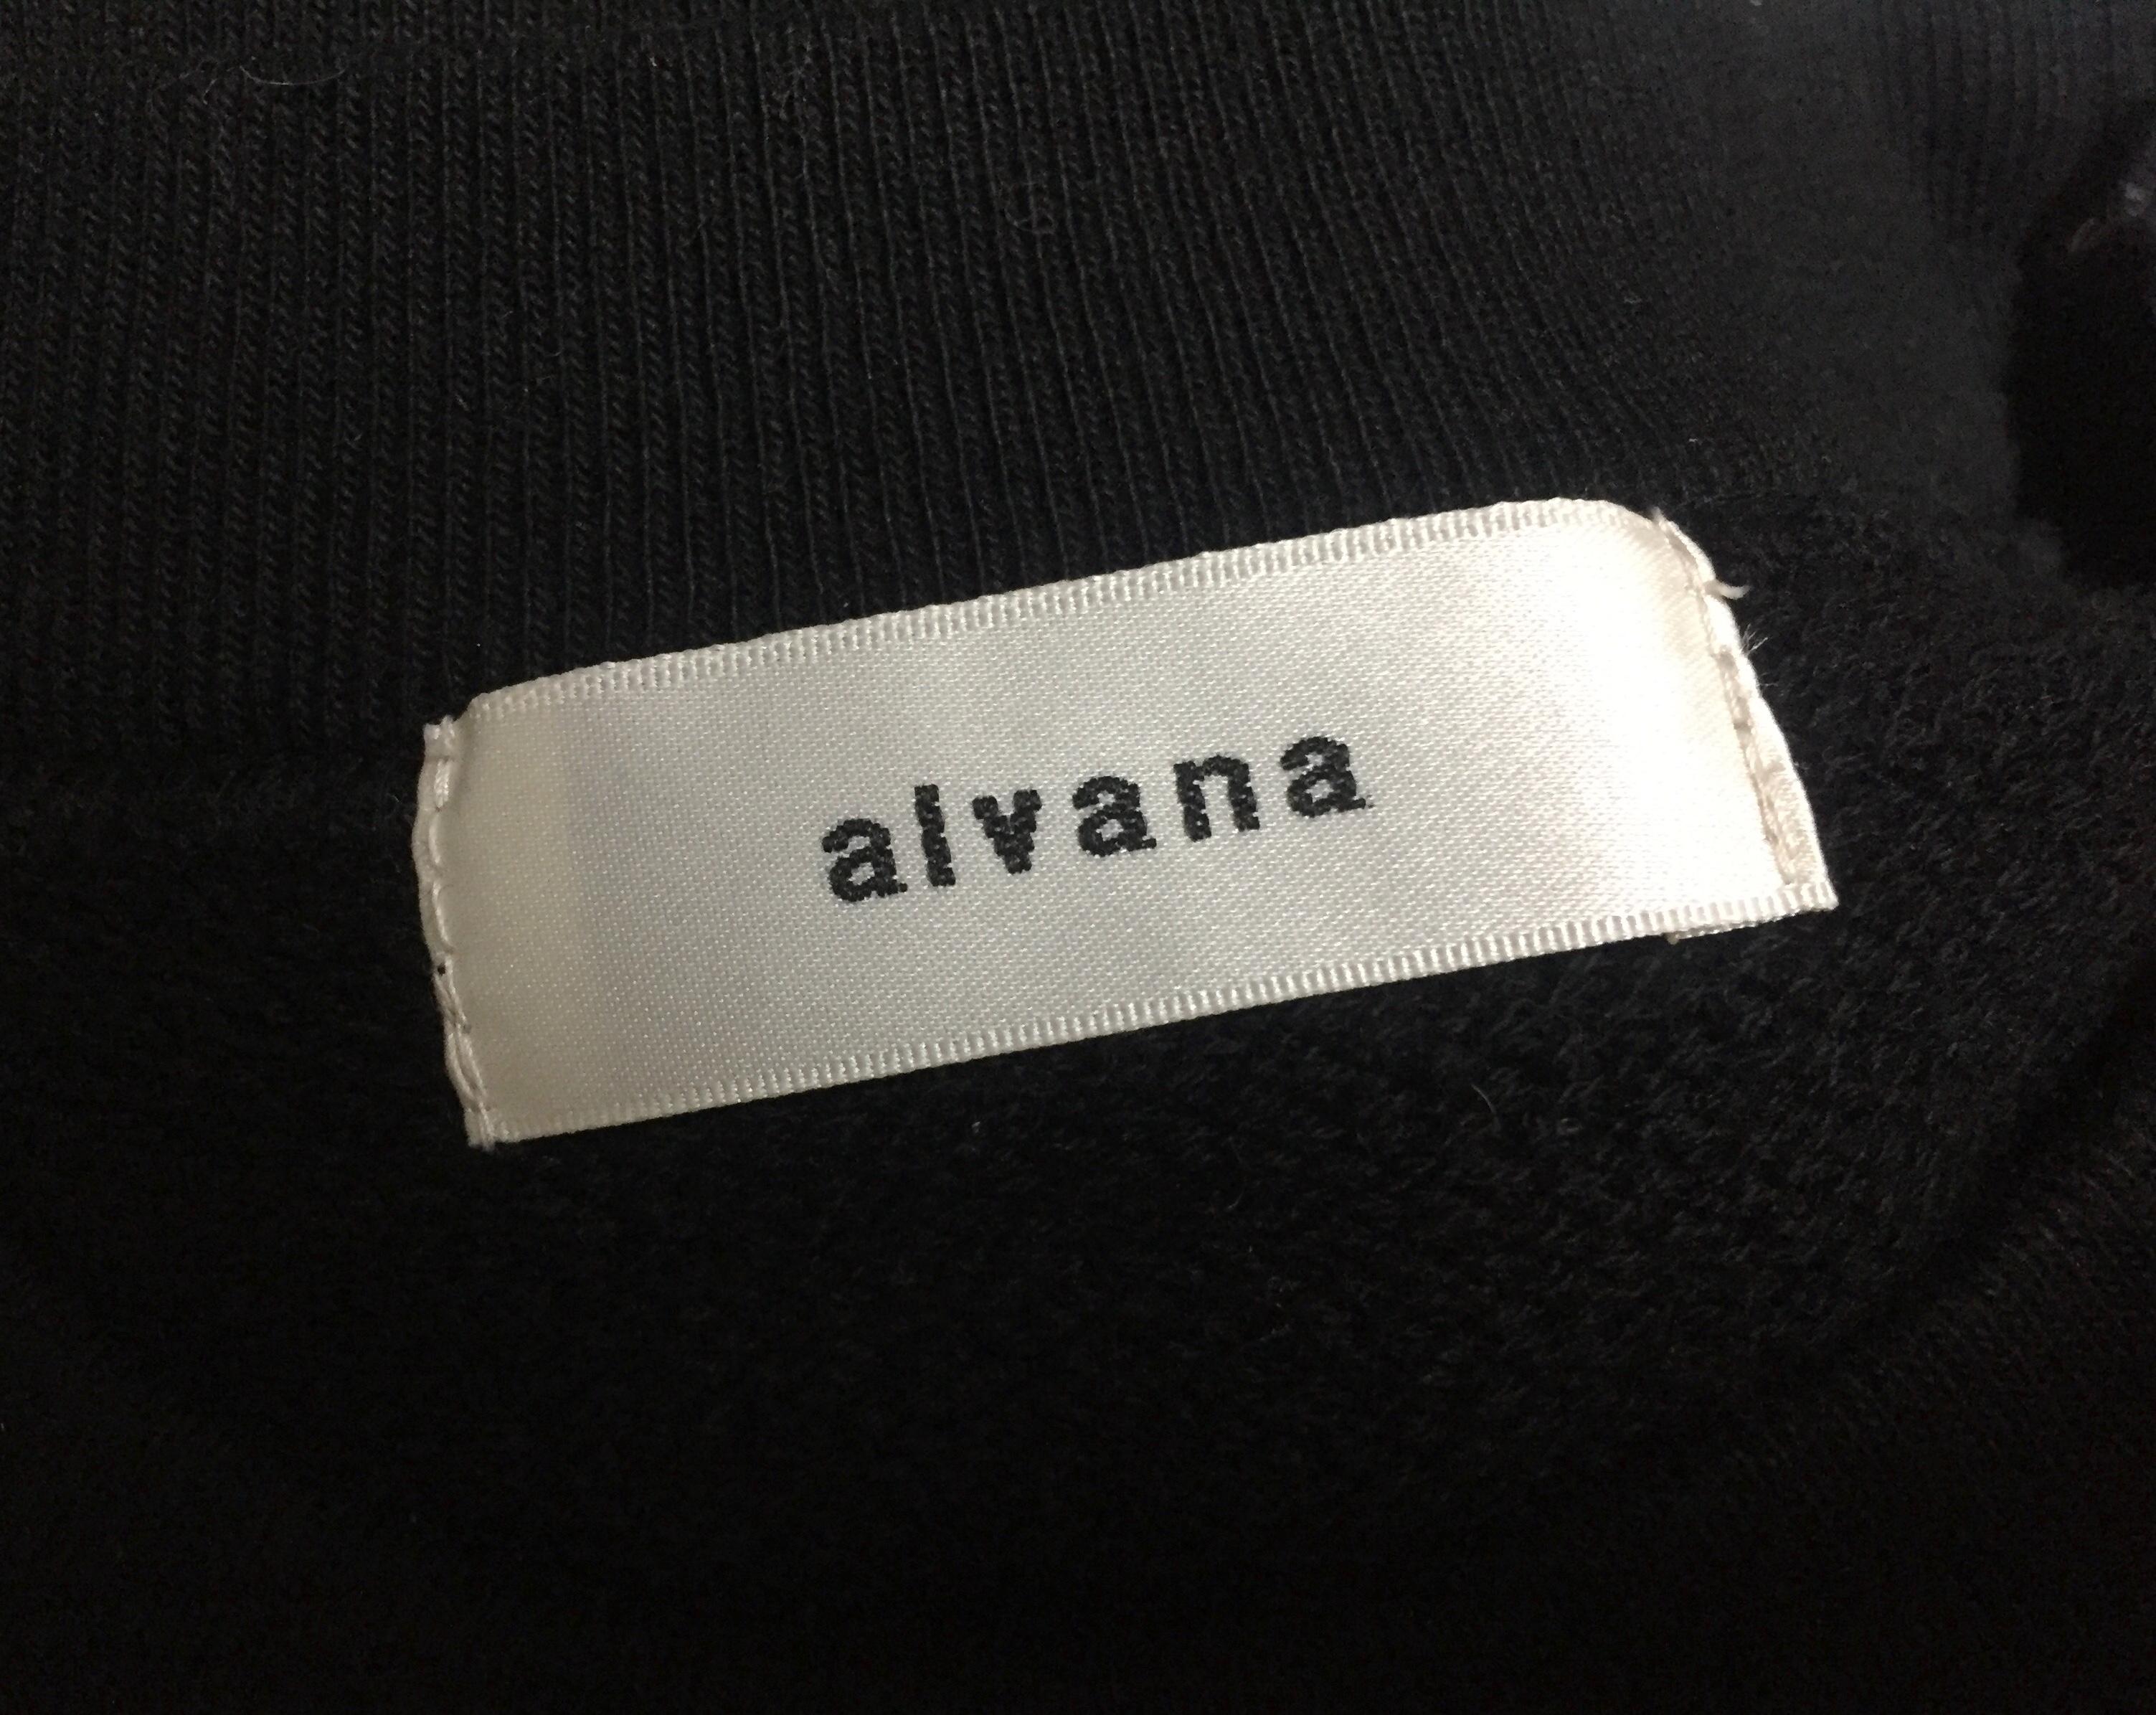 【ブランド紹介】alvana(アルヴァナ)とは